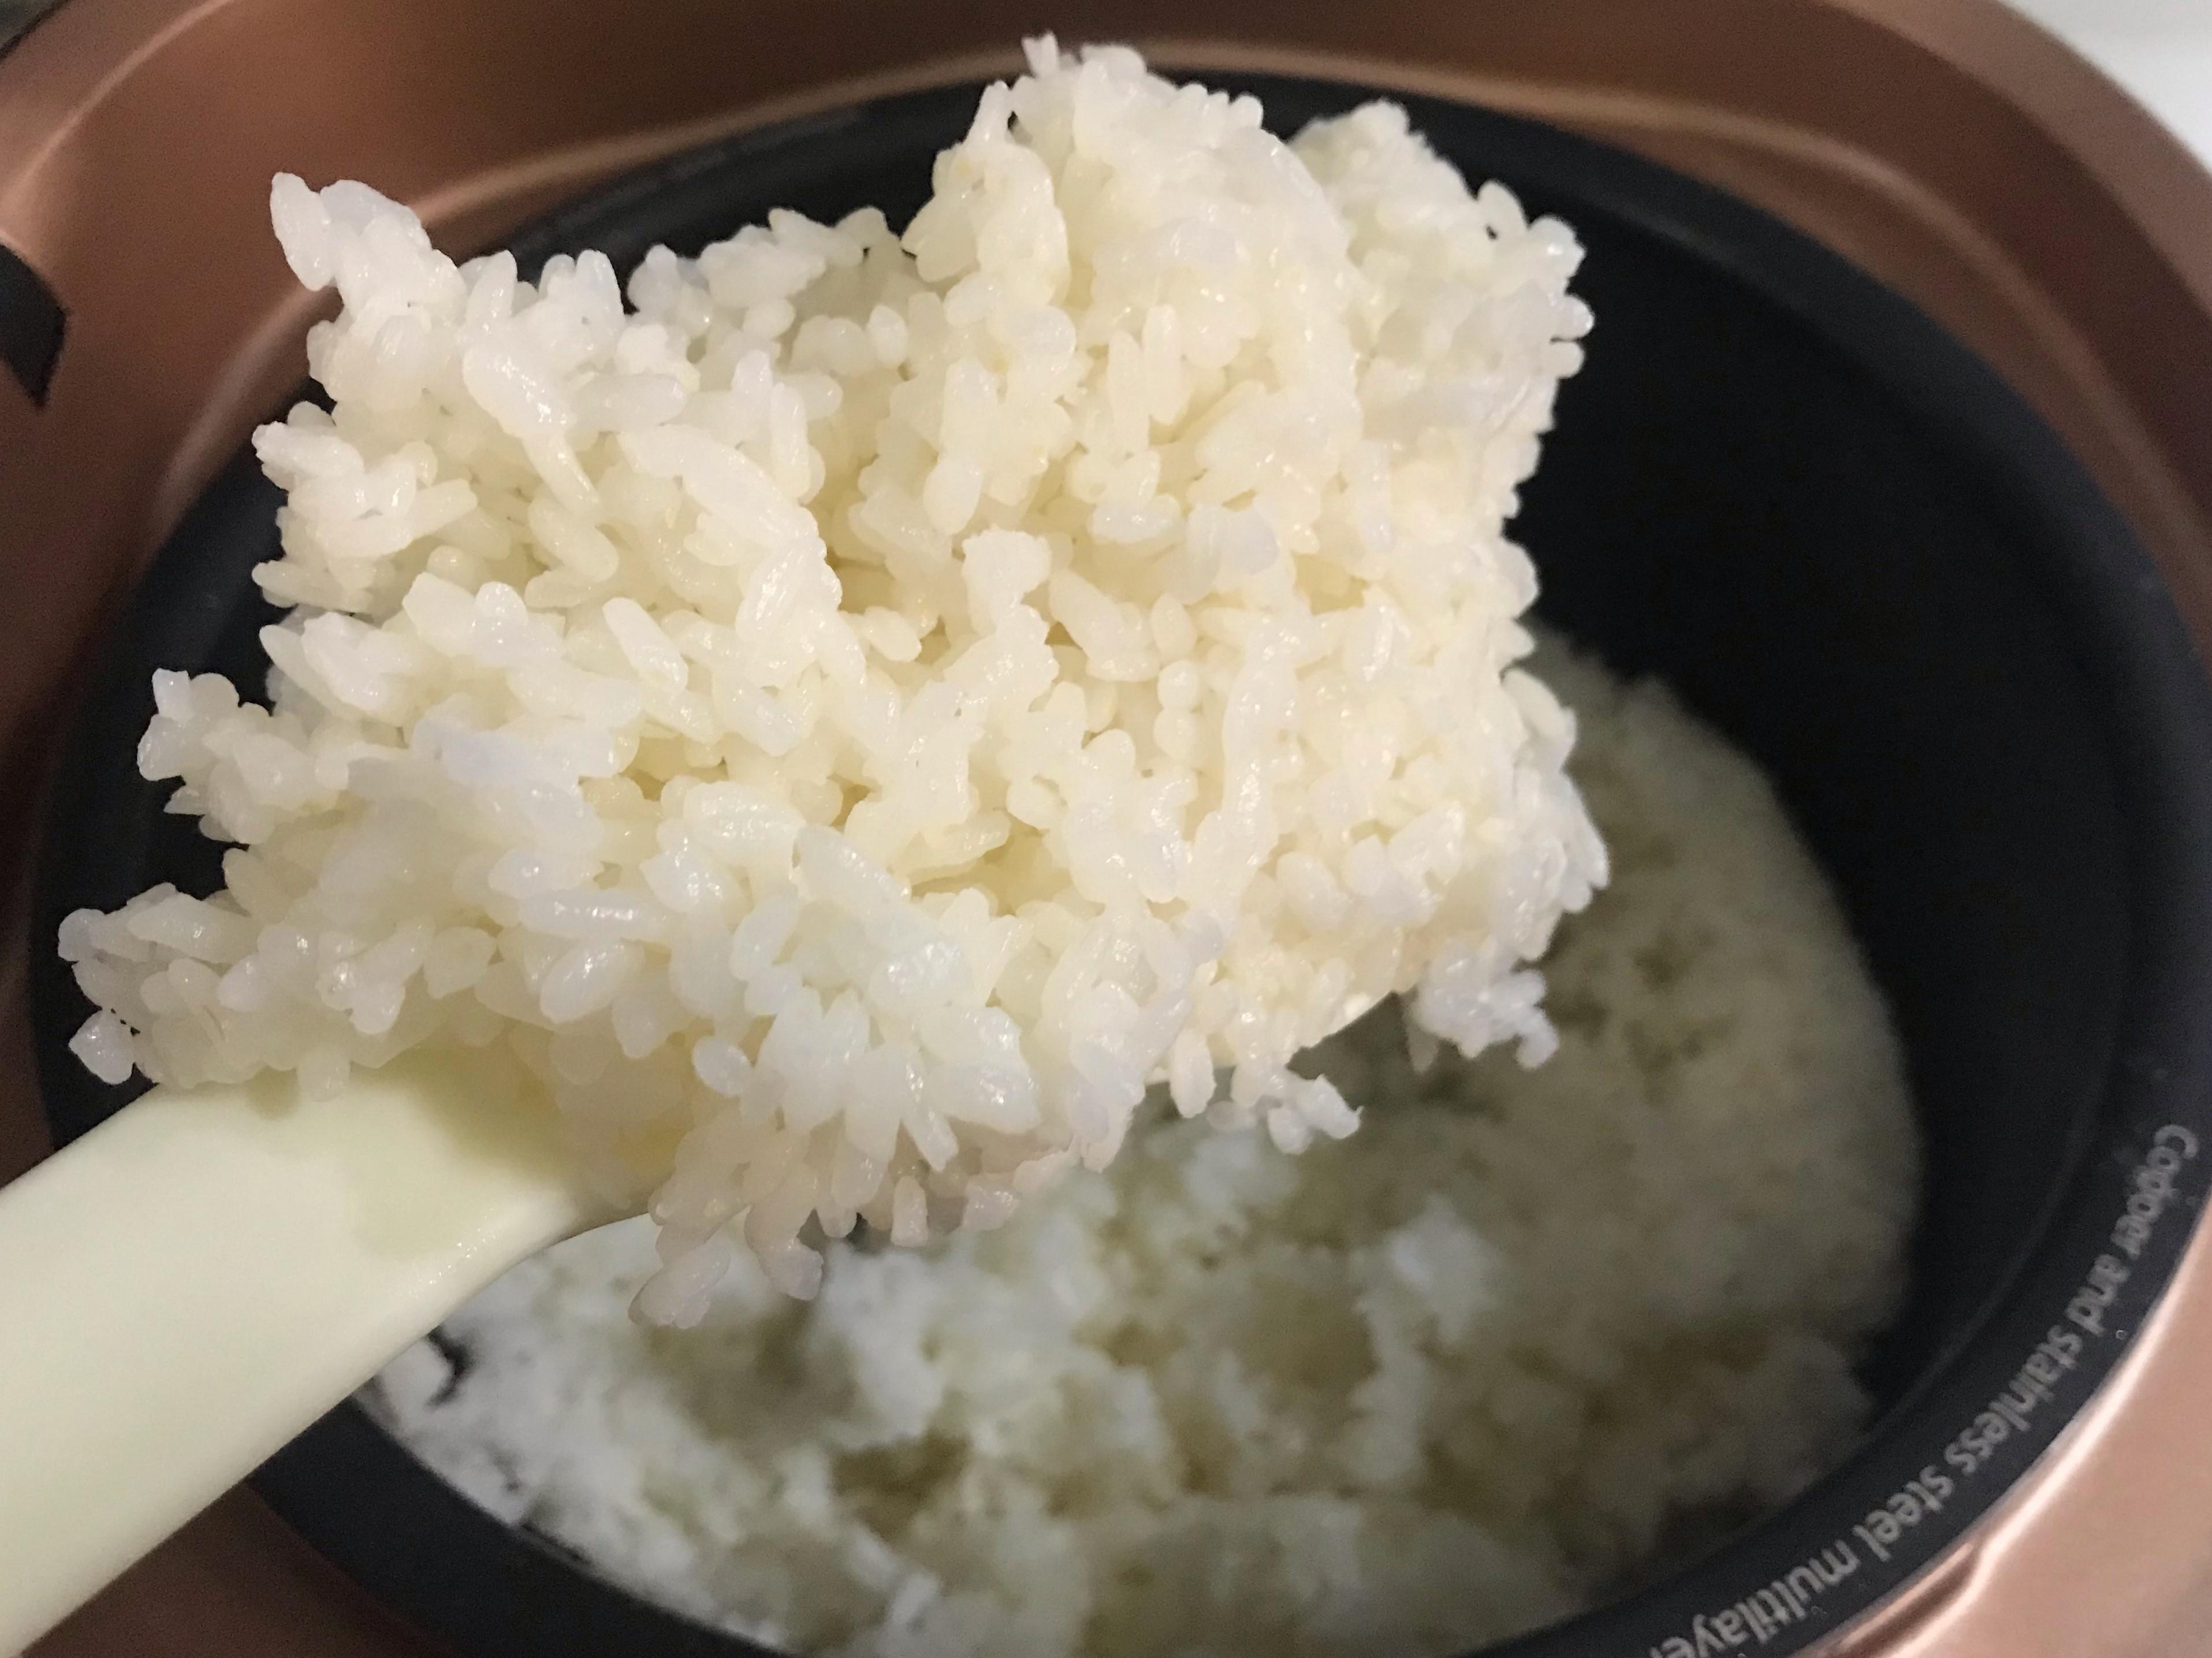 👨🏻🍳煮飯不用浸泡米粒-能更好吃